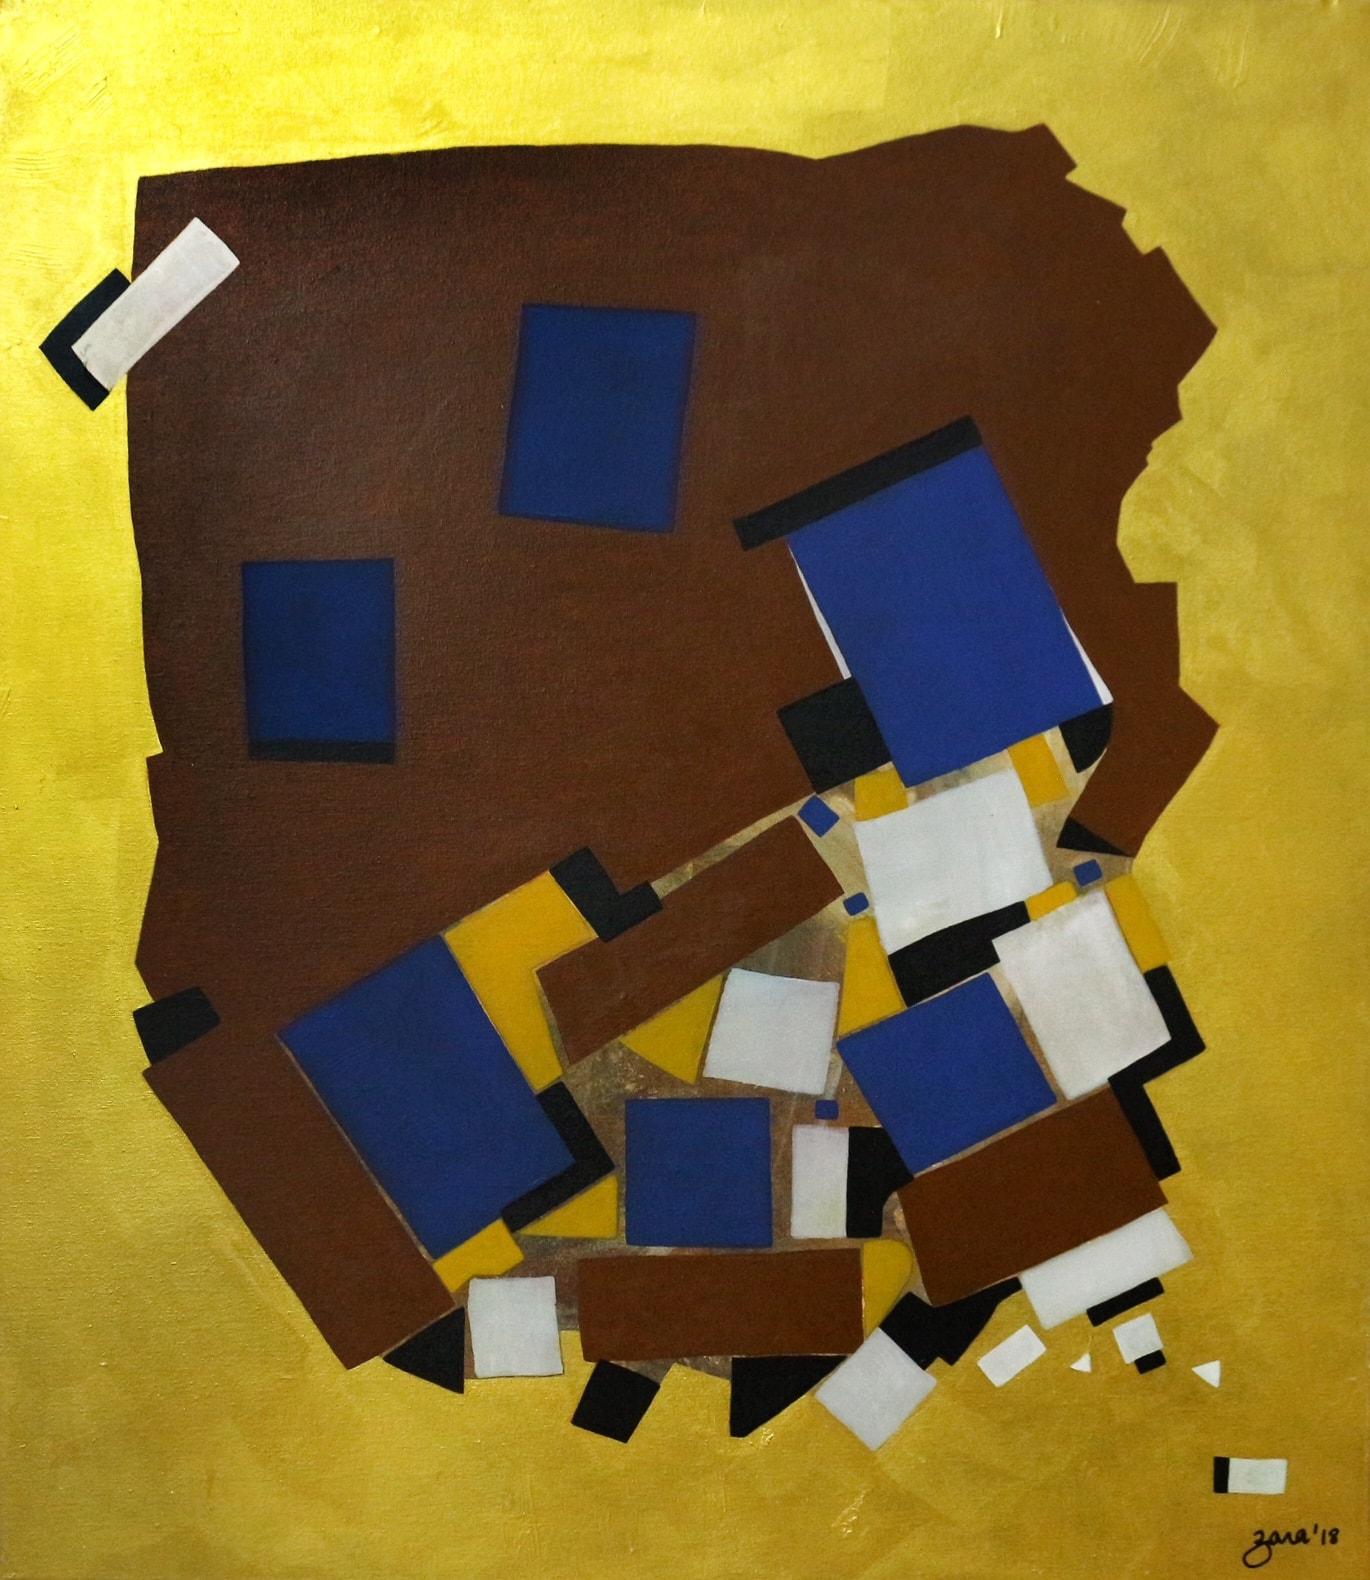 Dislogded, 36 x 42 Inch, Acrylic on Canvas, AC-ZRK-014